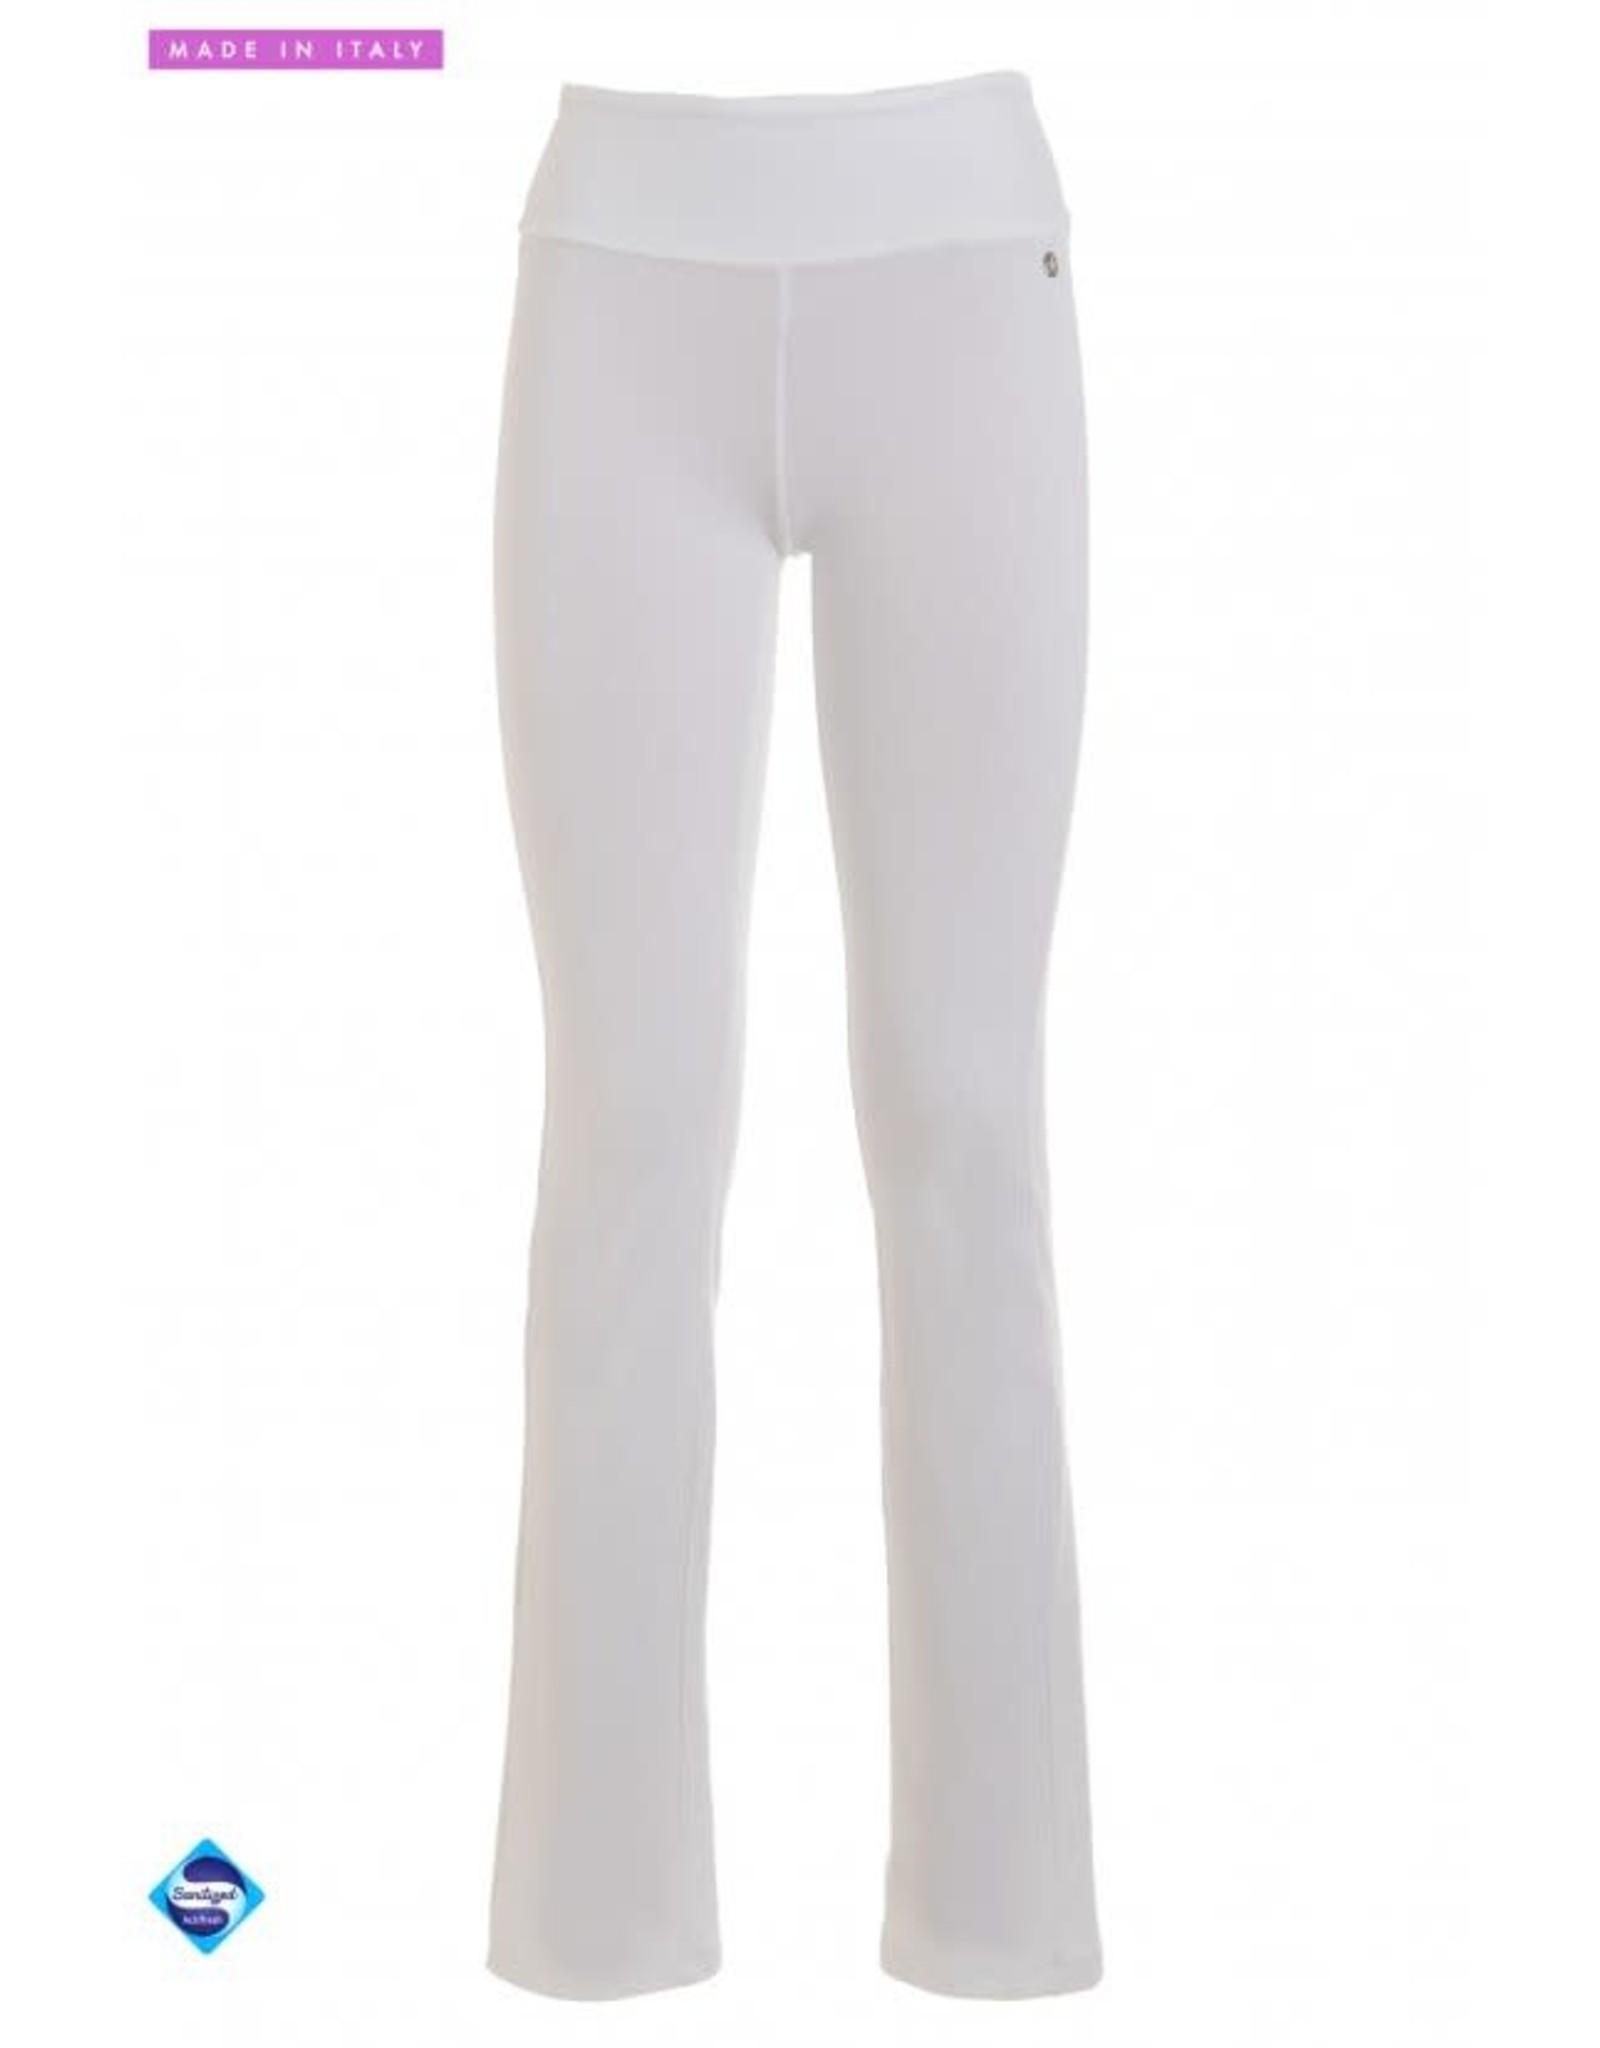 Deha B24715 Tight Pants